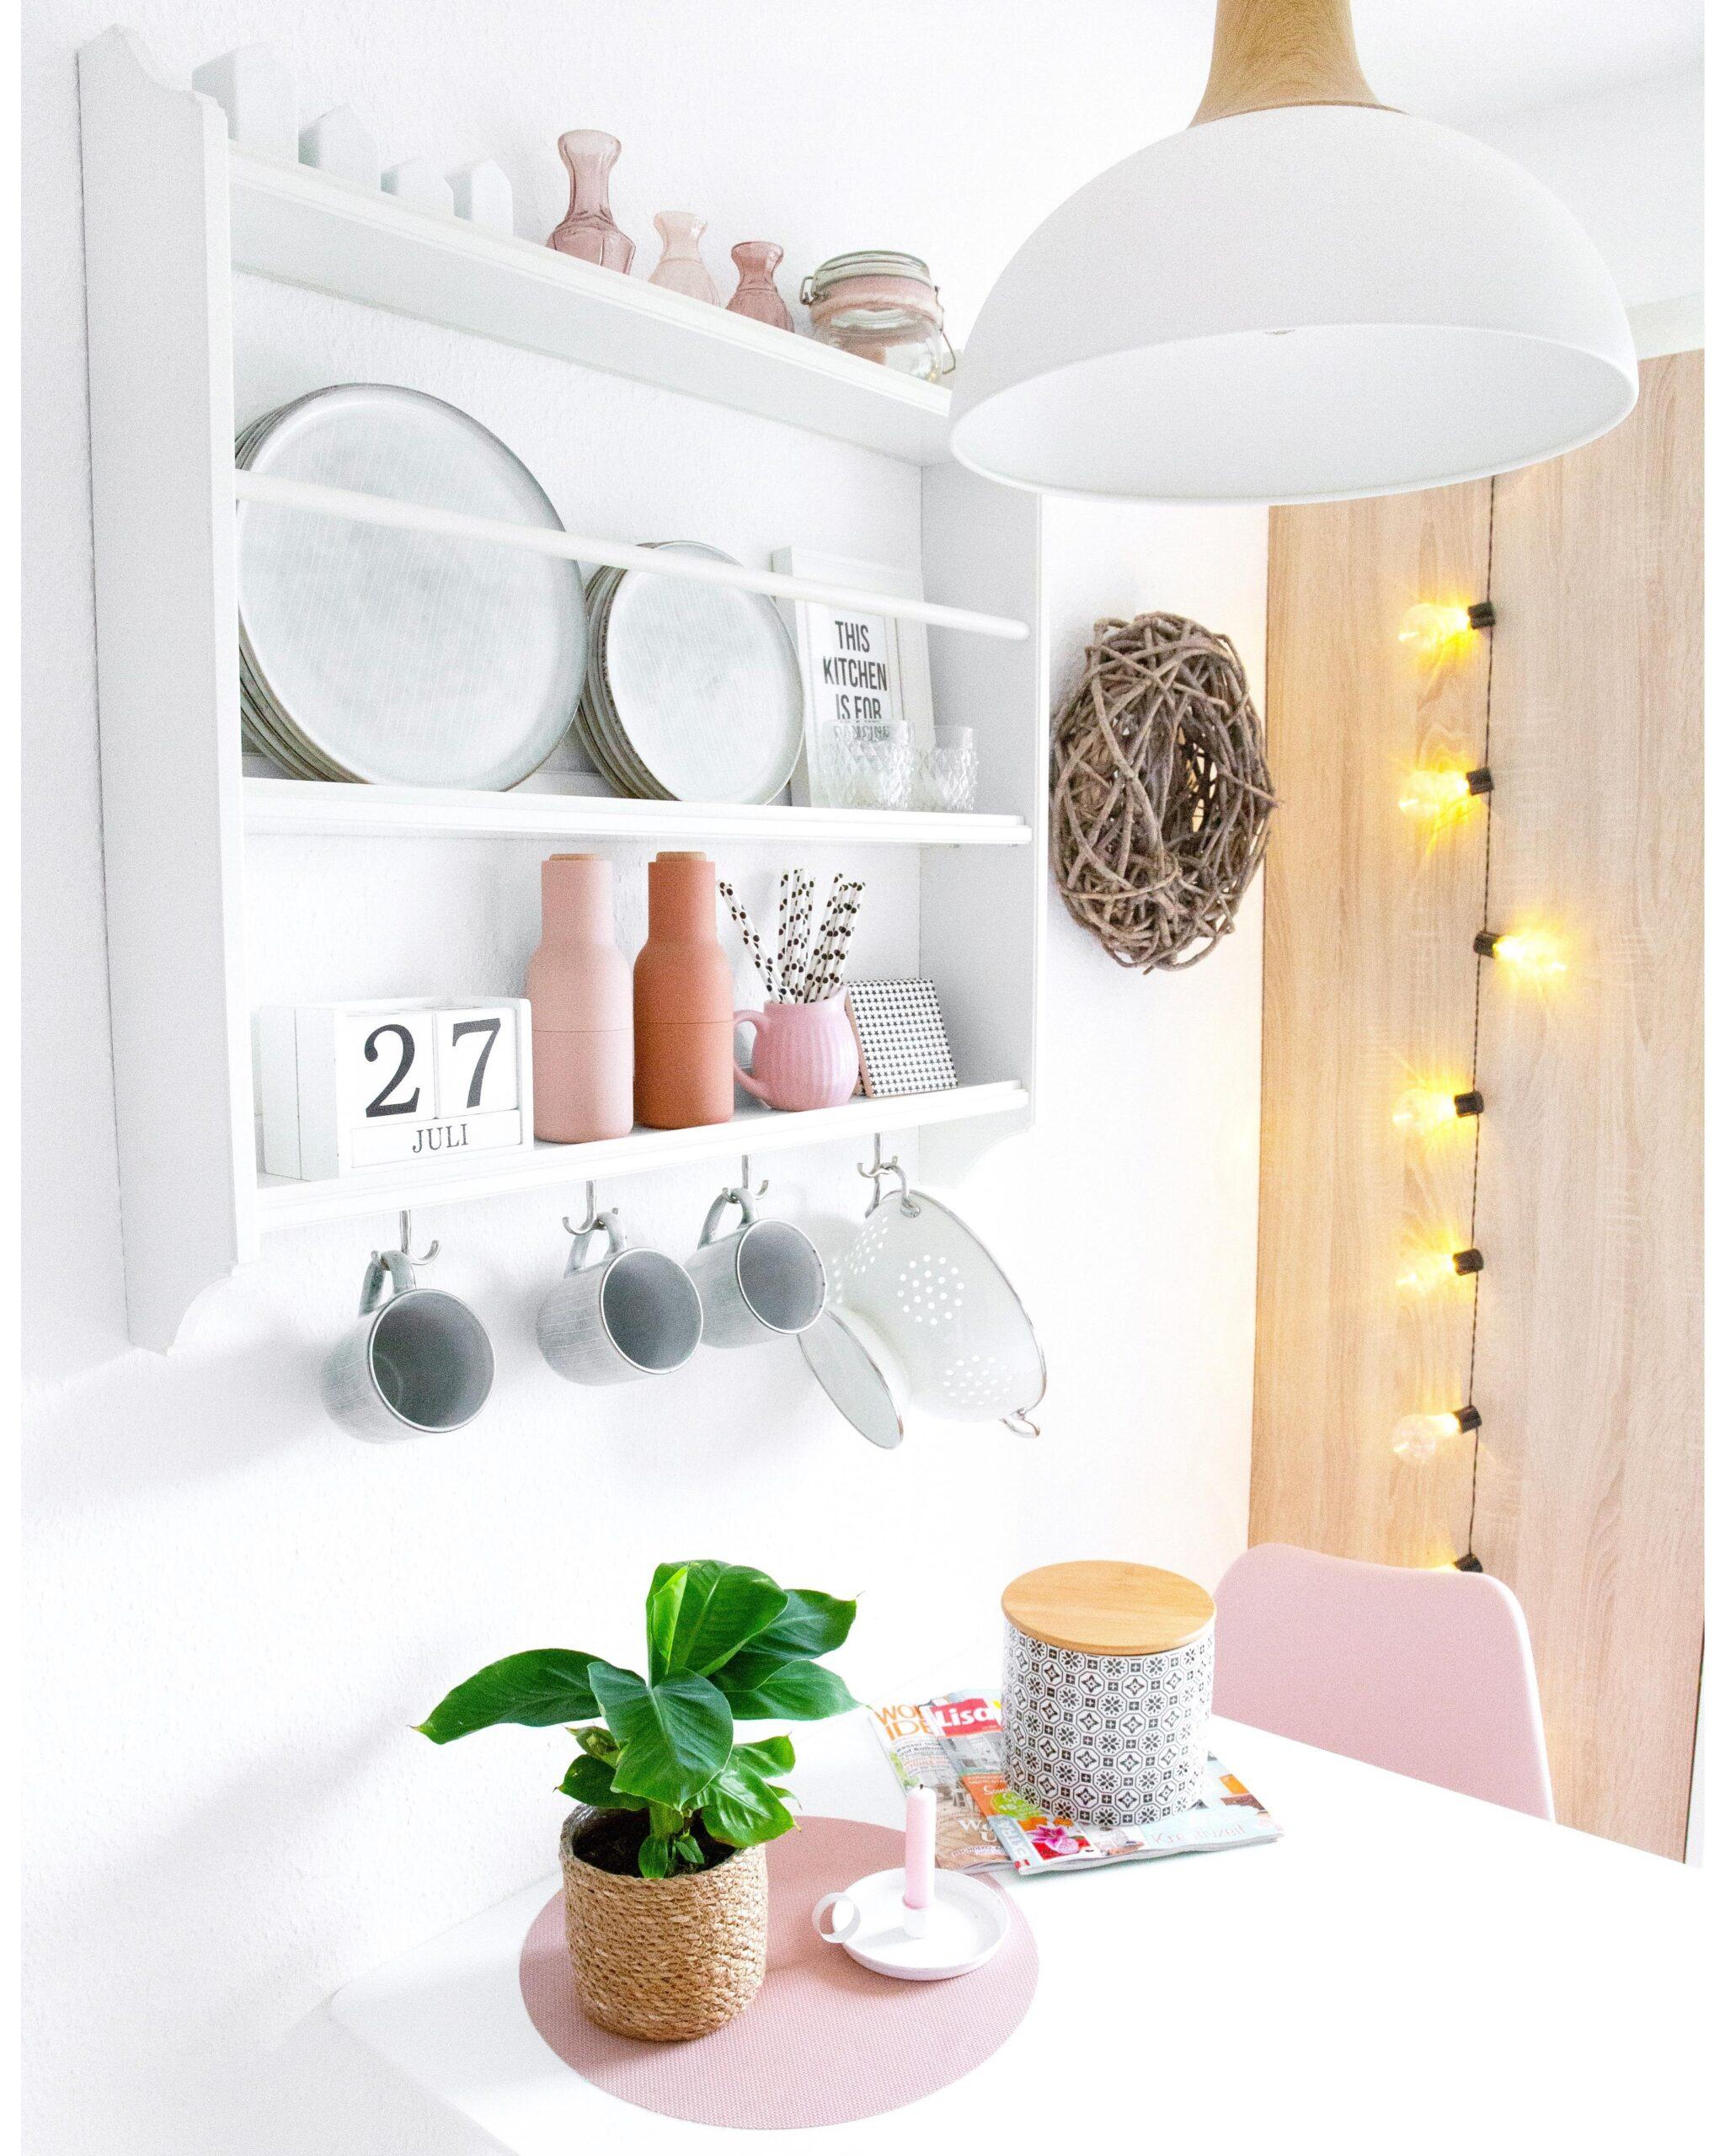 Full Size of Küche Deko Ikea In Meiner Kche Bin Ich So Gern Aber Kochen Gehrt Wandbelag Ohne Geräte Miniküche Gardine Mit E Geräten Günstig Günstige Wasserhahn Wohnzimmer Küche Deko Ikea